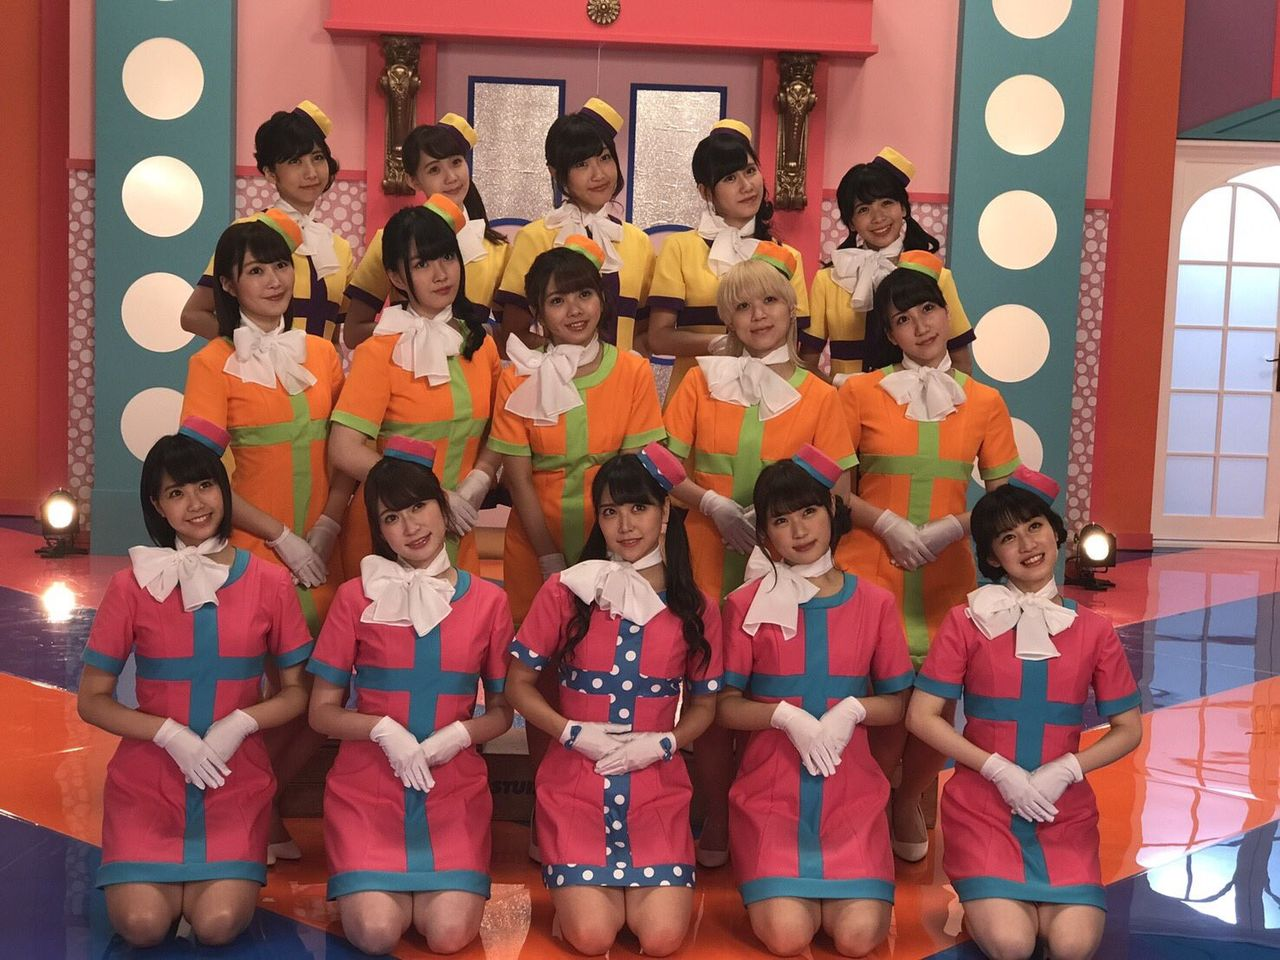 【朗報?】チームM公演に東由樹・沖田彩華を出演させほぼ旧M公演に・・・